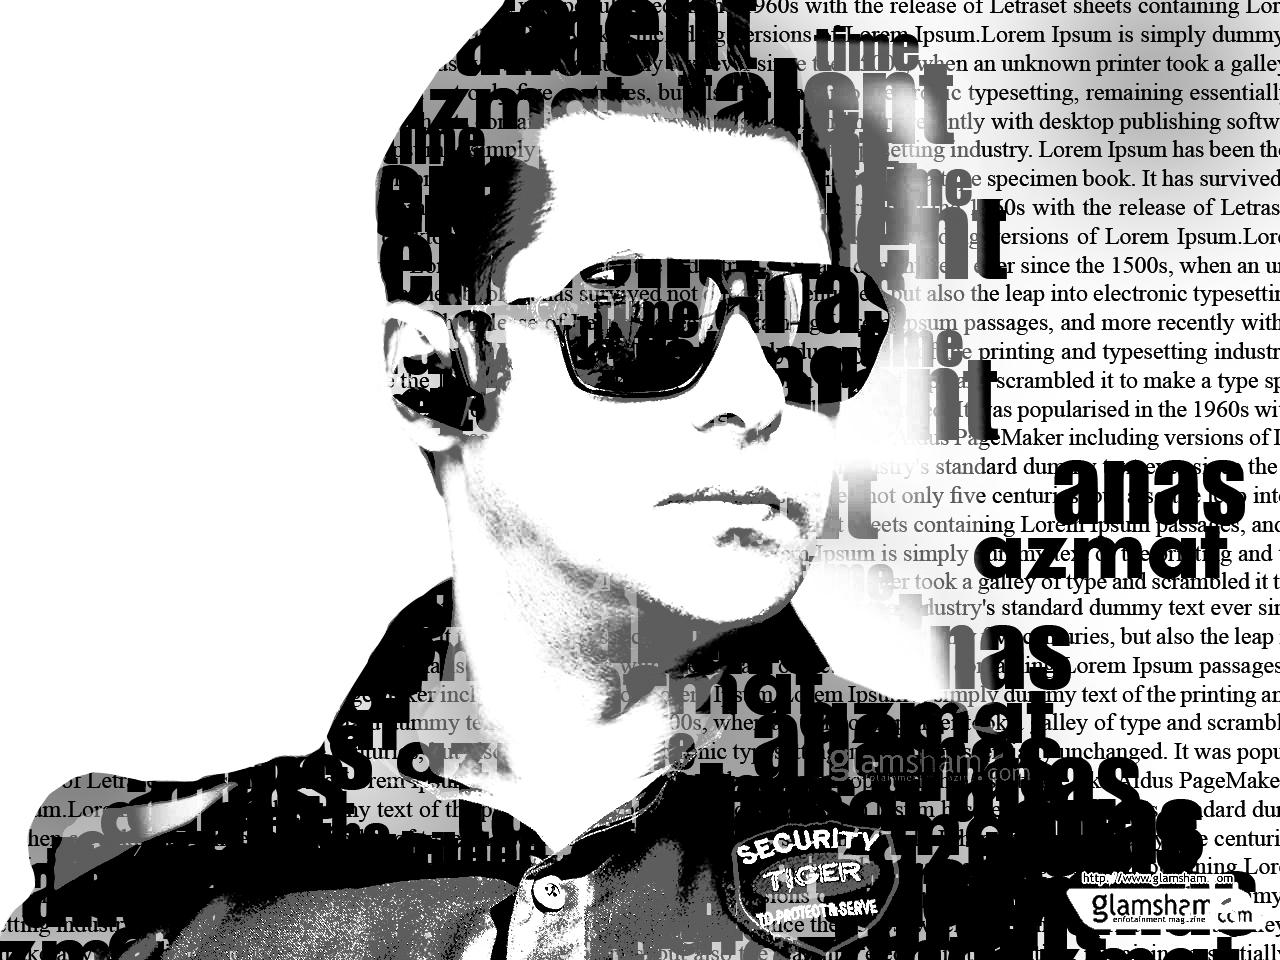 Photoshop B/W Salman Khan typography by Anas Ali by yashali